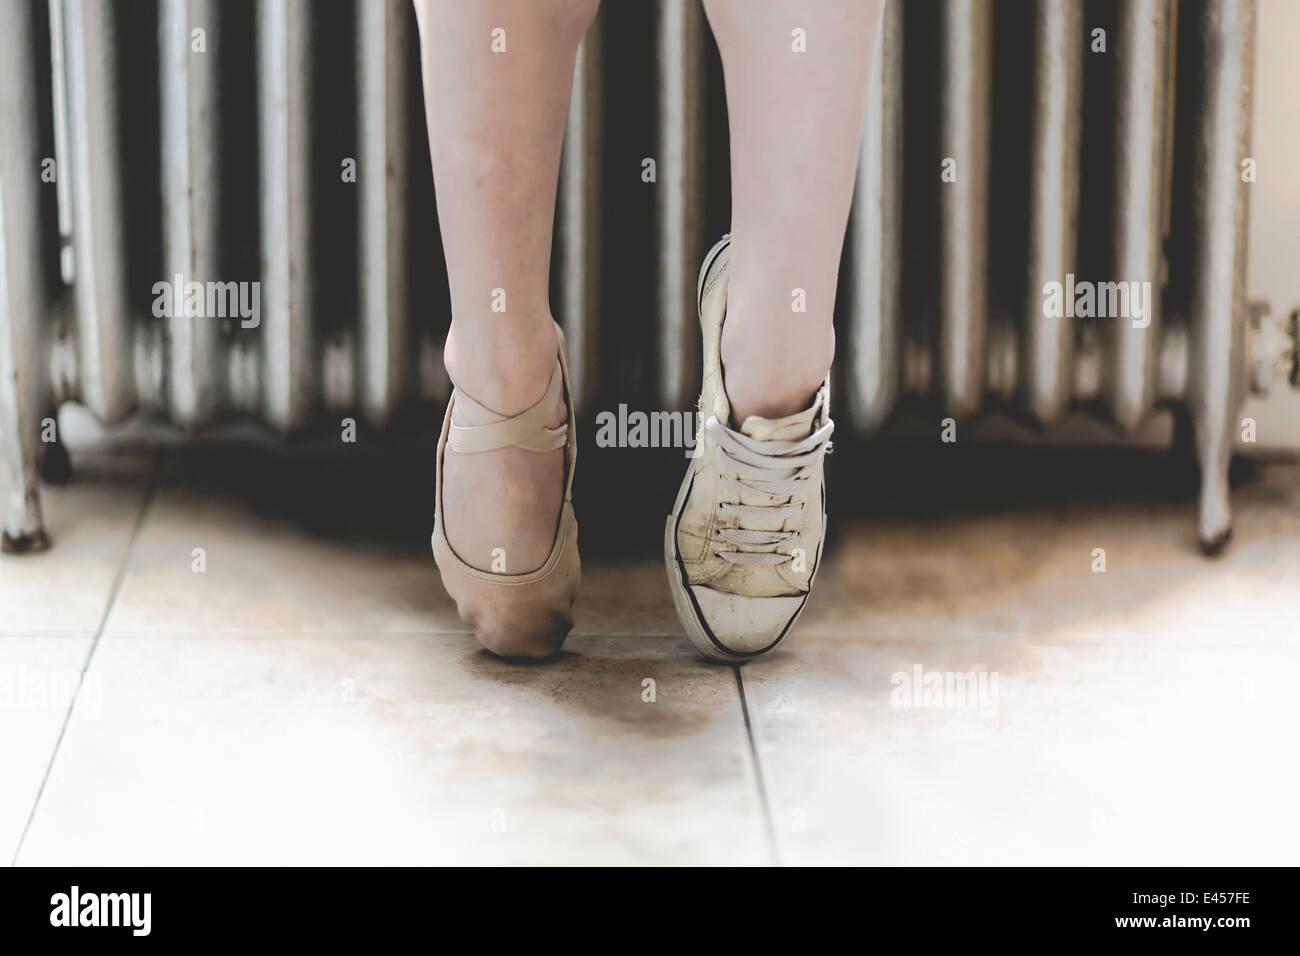 Bailarina de ballet lleva un zapato y una zapatilla. Imagen De Stock